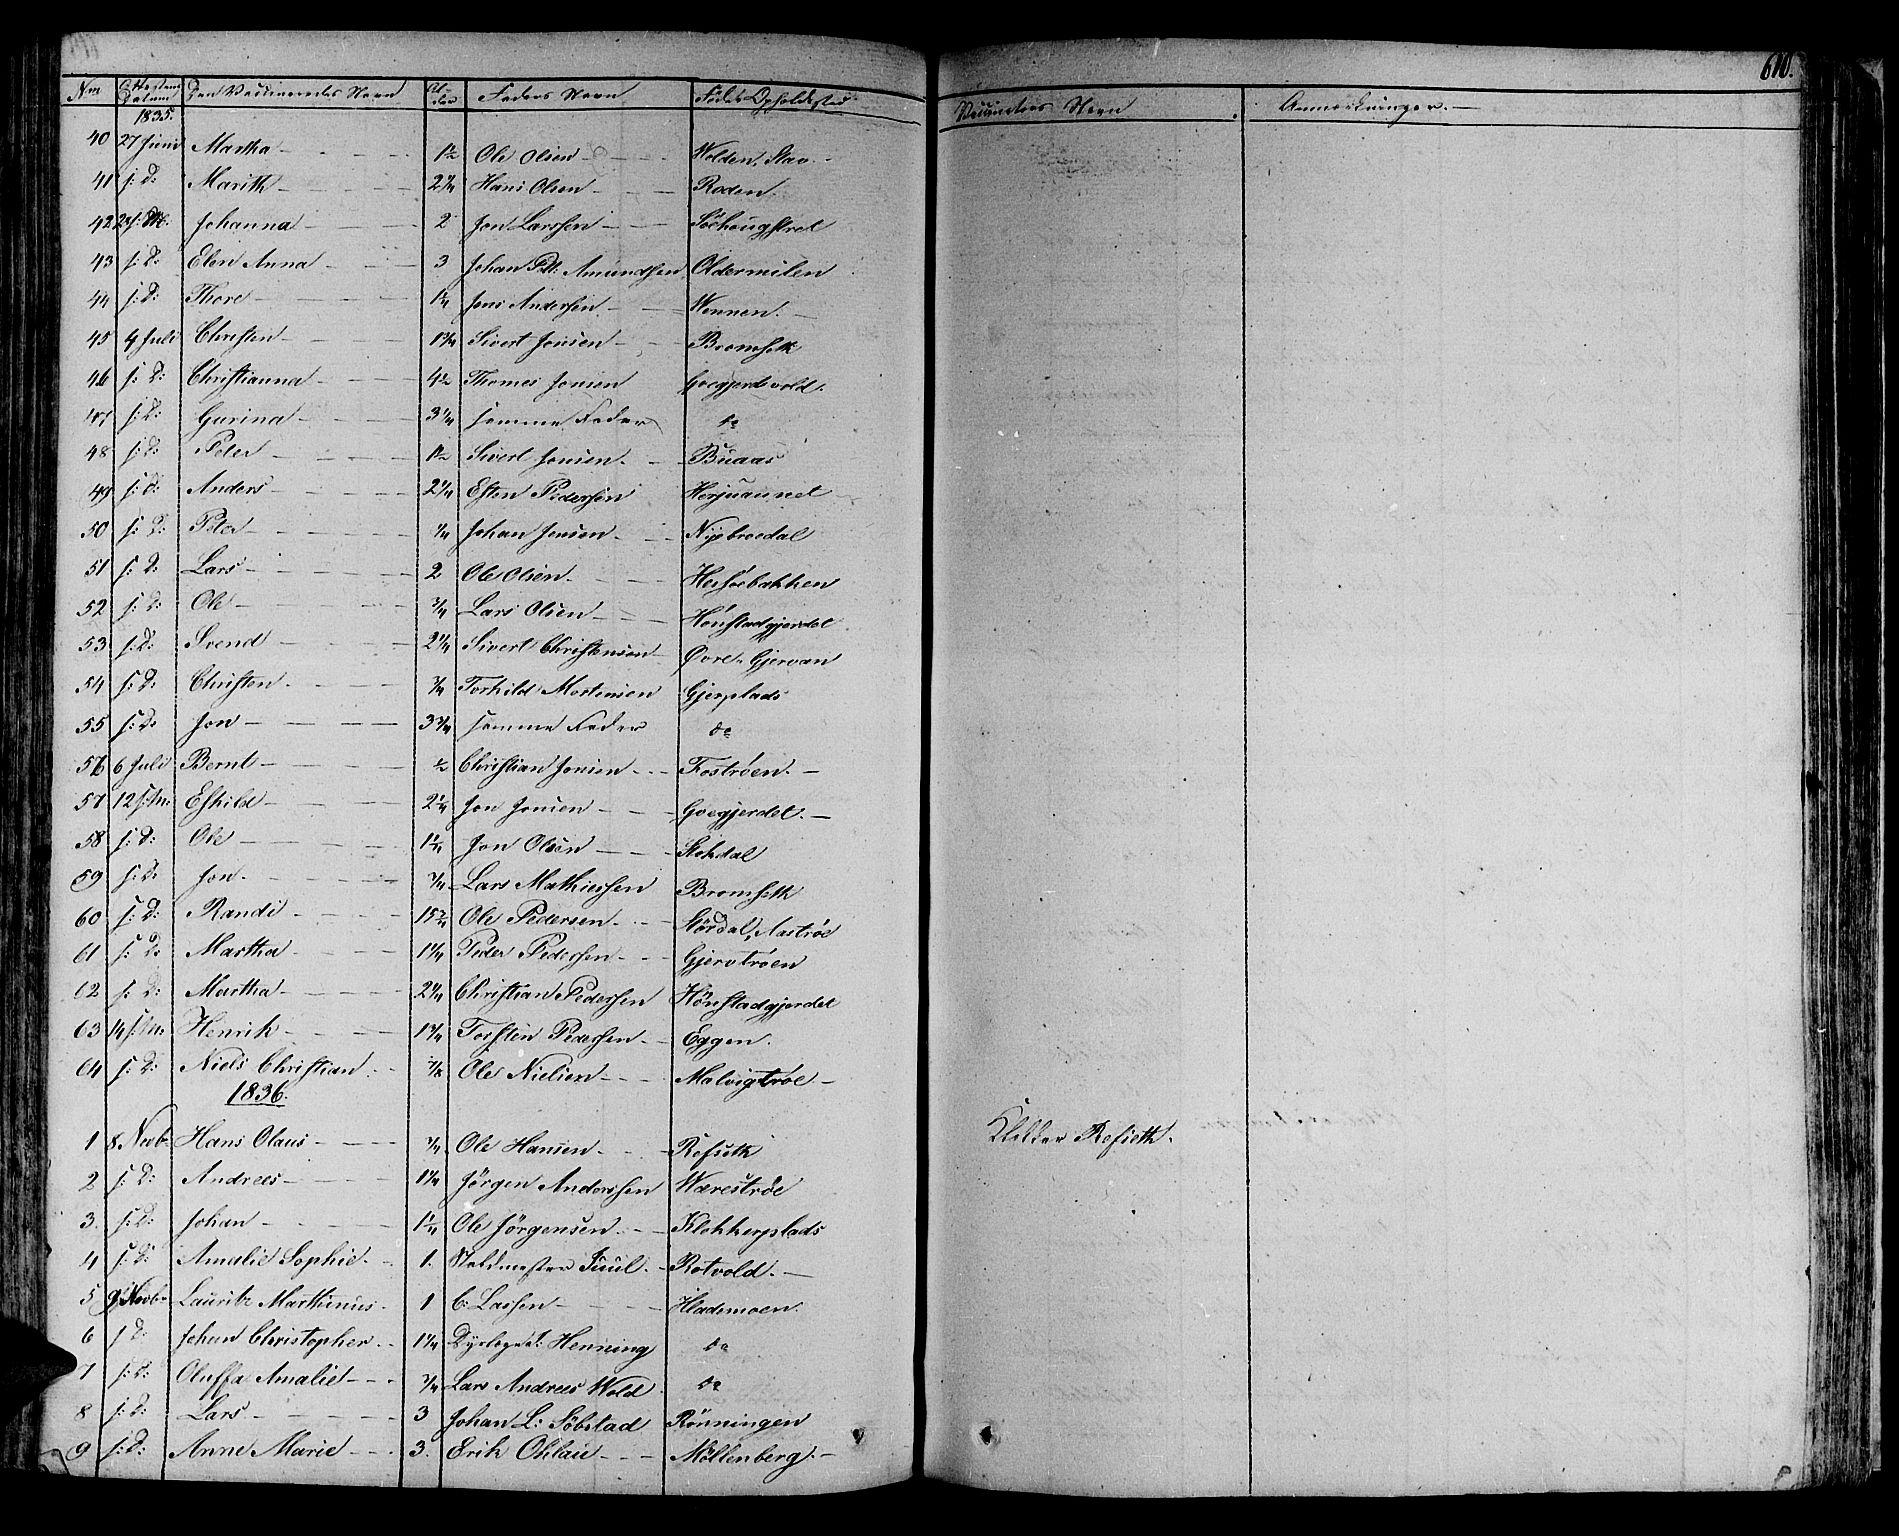 SAT, Ministerialprotokoller, klokkerbøker og fødselsregistre - Sør-Trøndelag, 606/L0286: Ministerialbok nr. 606A04 /1, 1823-1840, s. 610